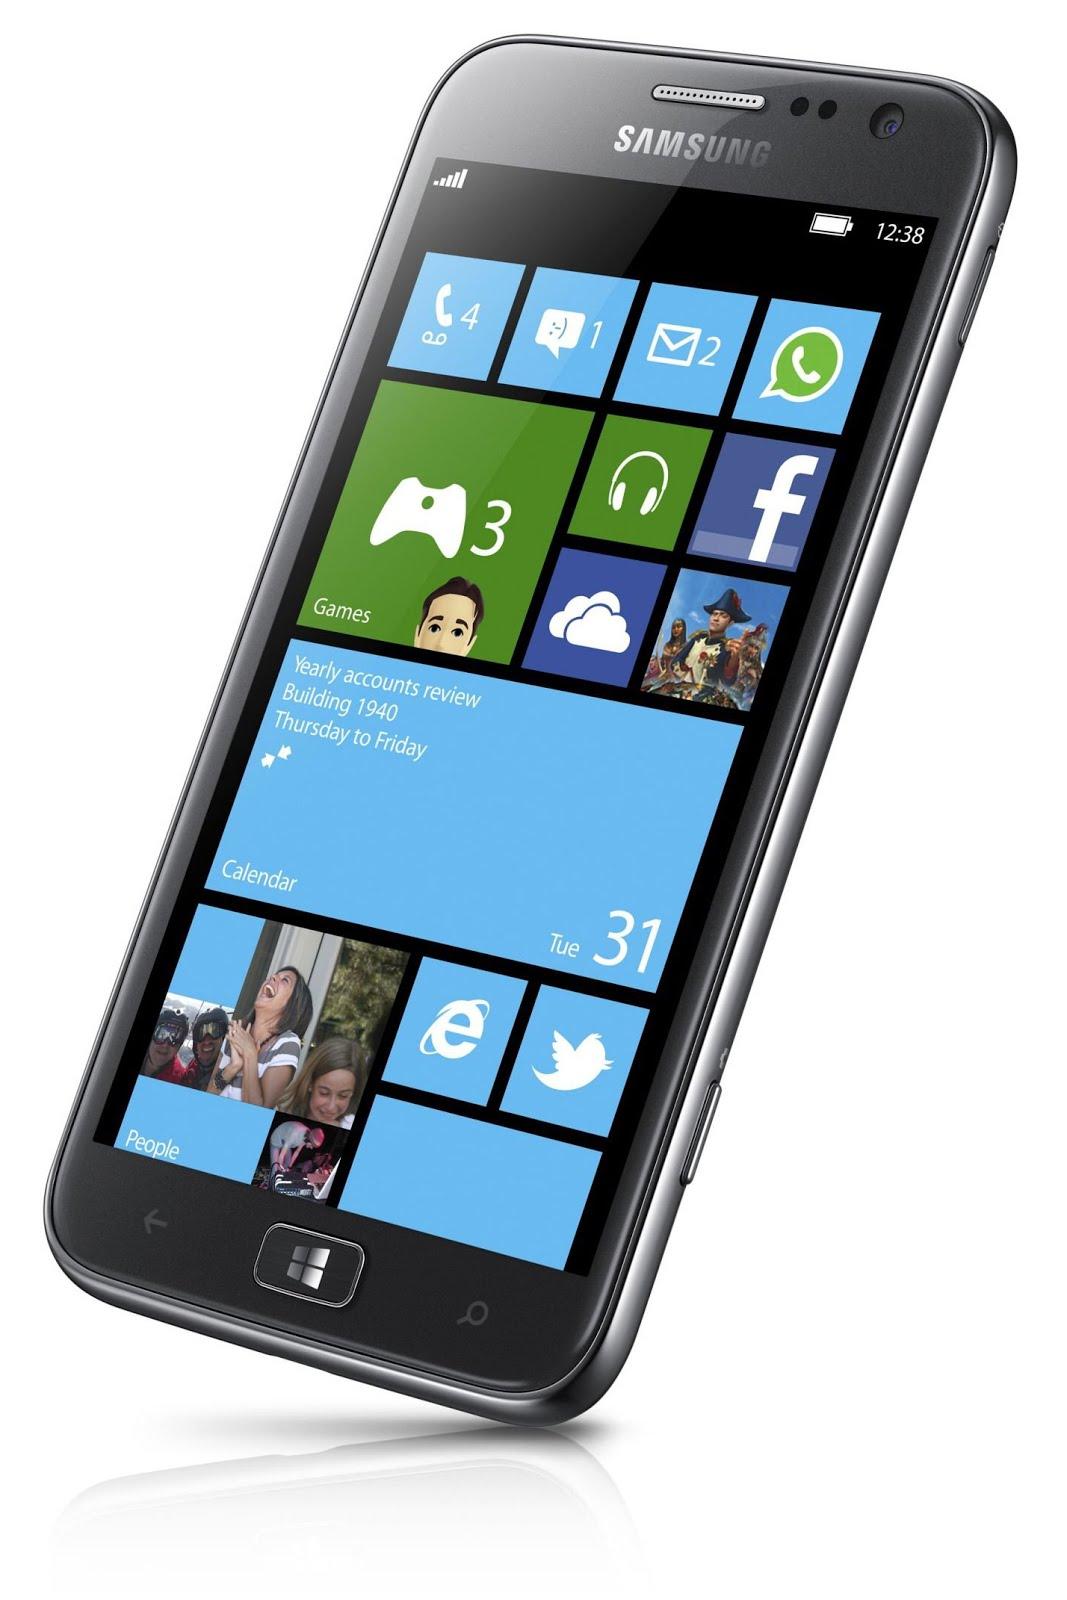 Daftar Harga HP Samsung Terbaru Januari 2013 Lengkap